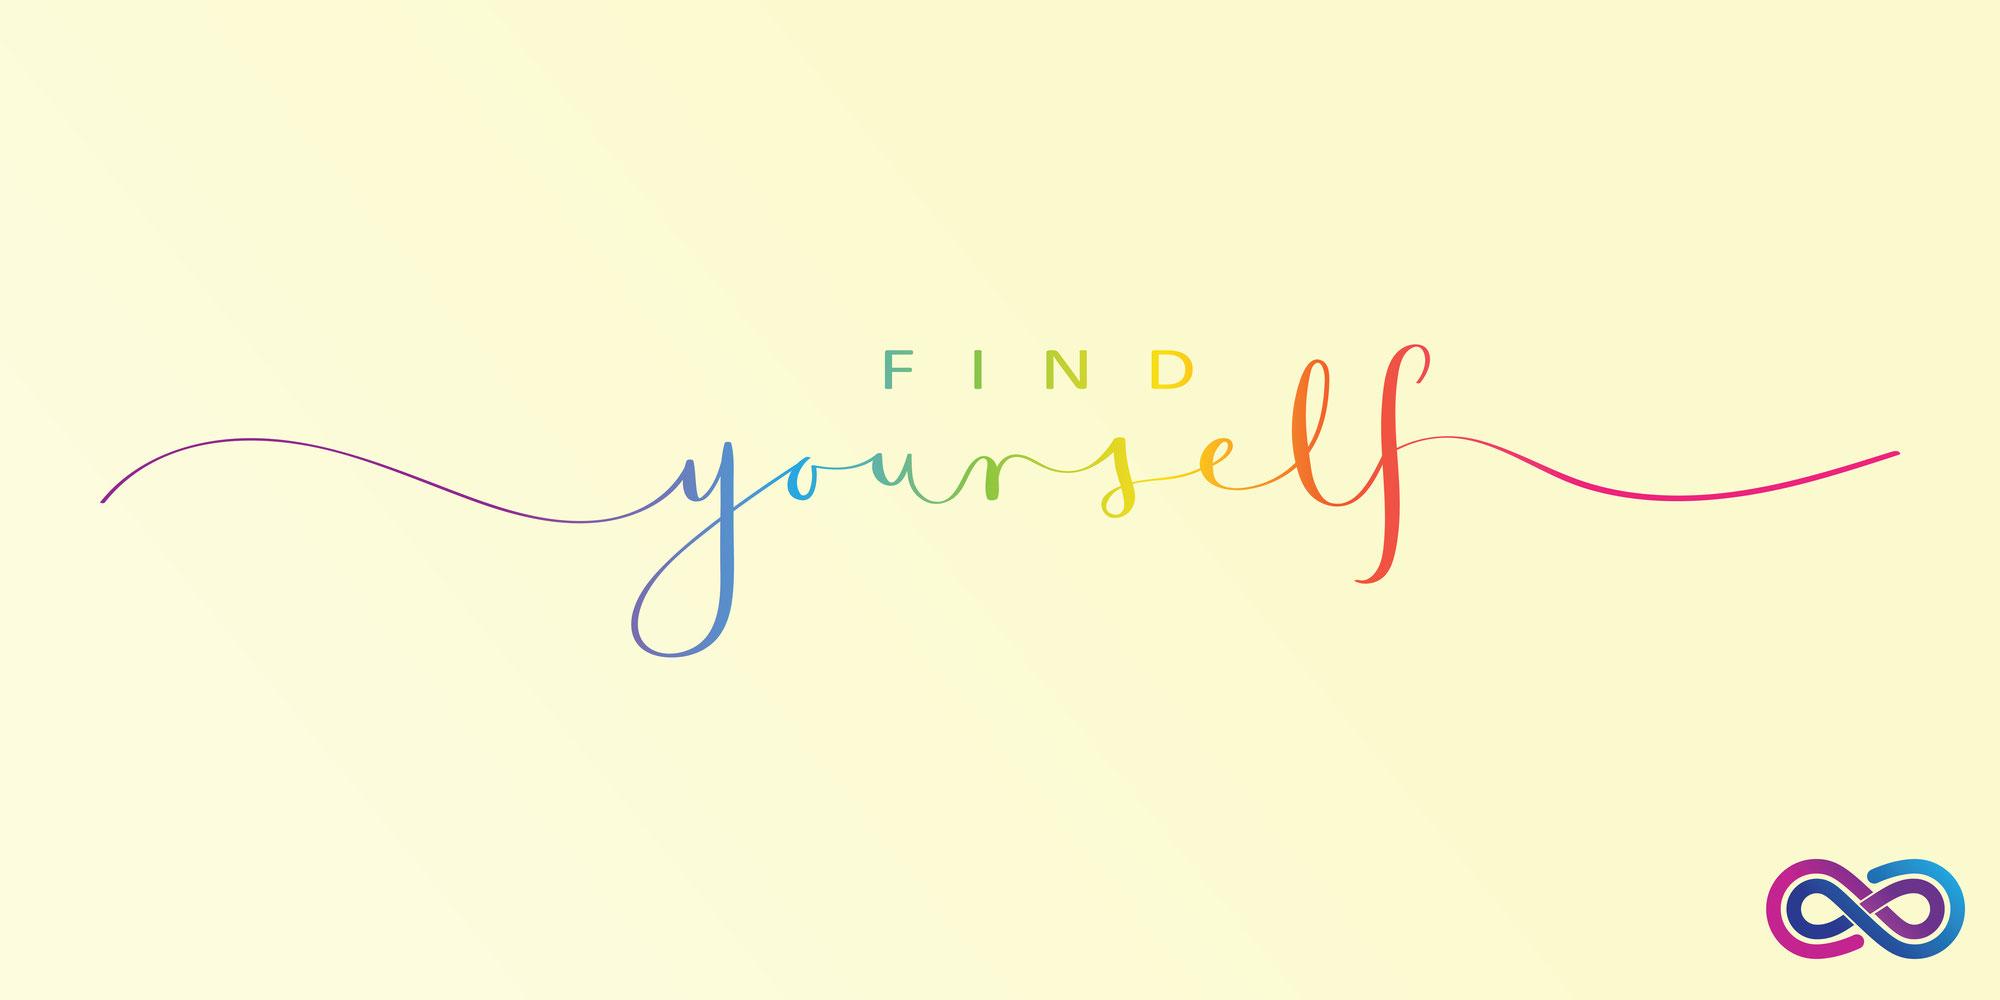 Hast du deine Lebensaufgabe schon gefunden?